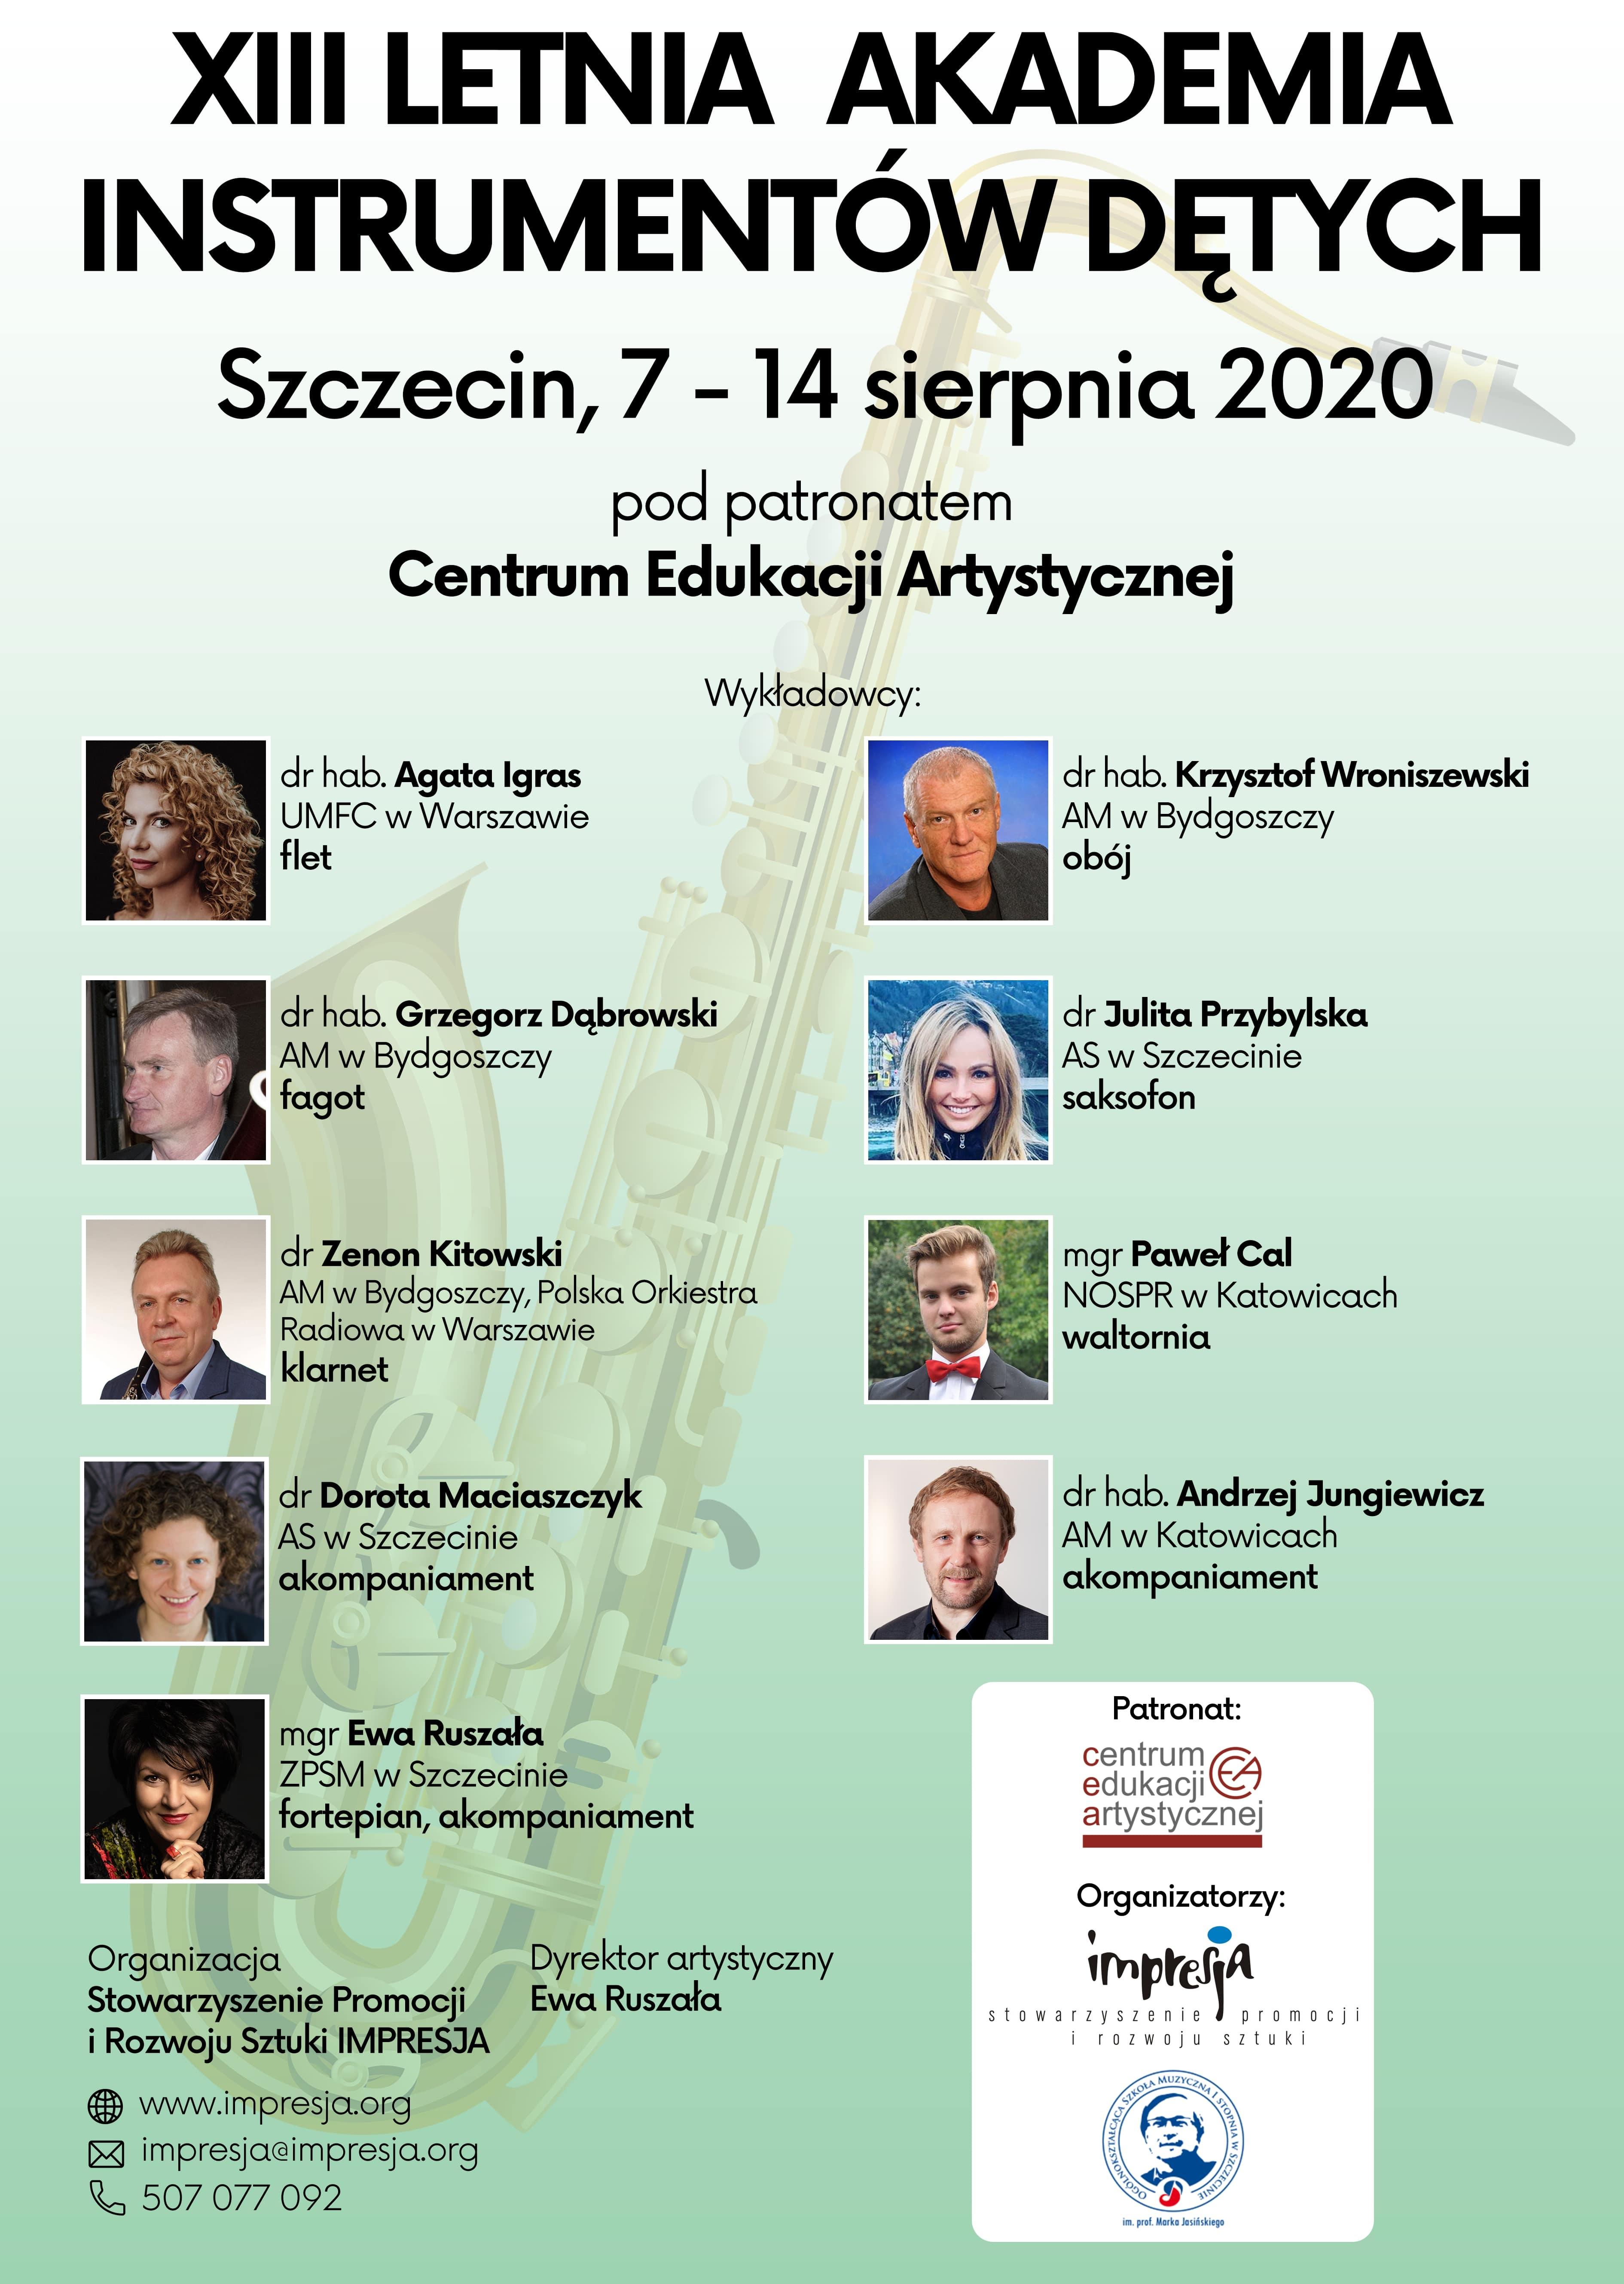 Letnia Akademia Instrumentów Dętych 2020